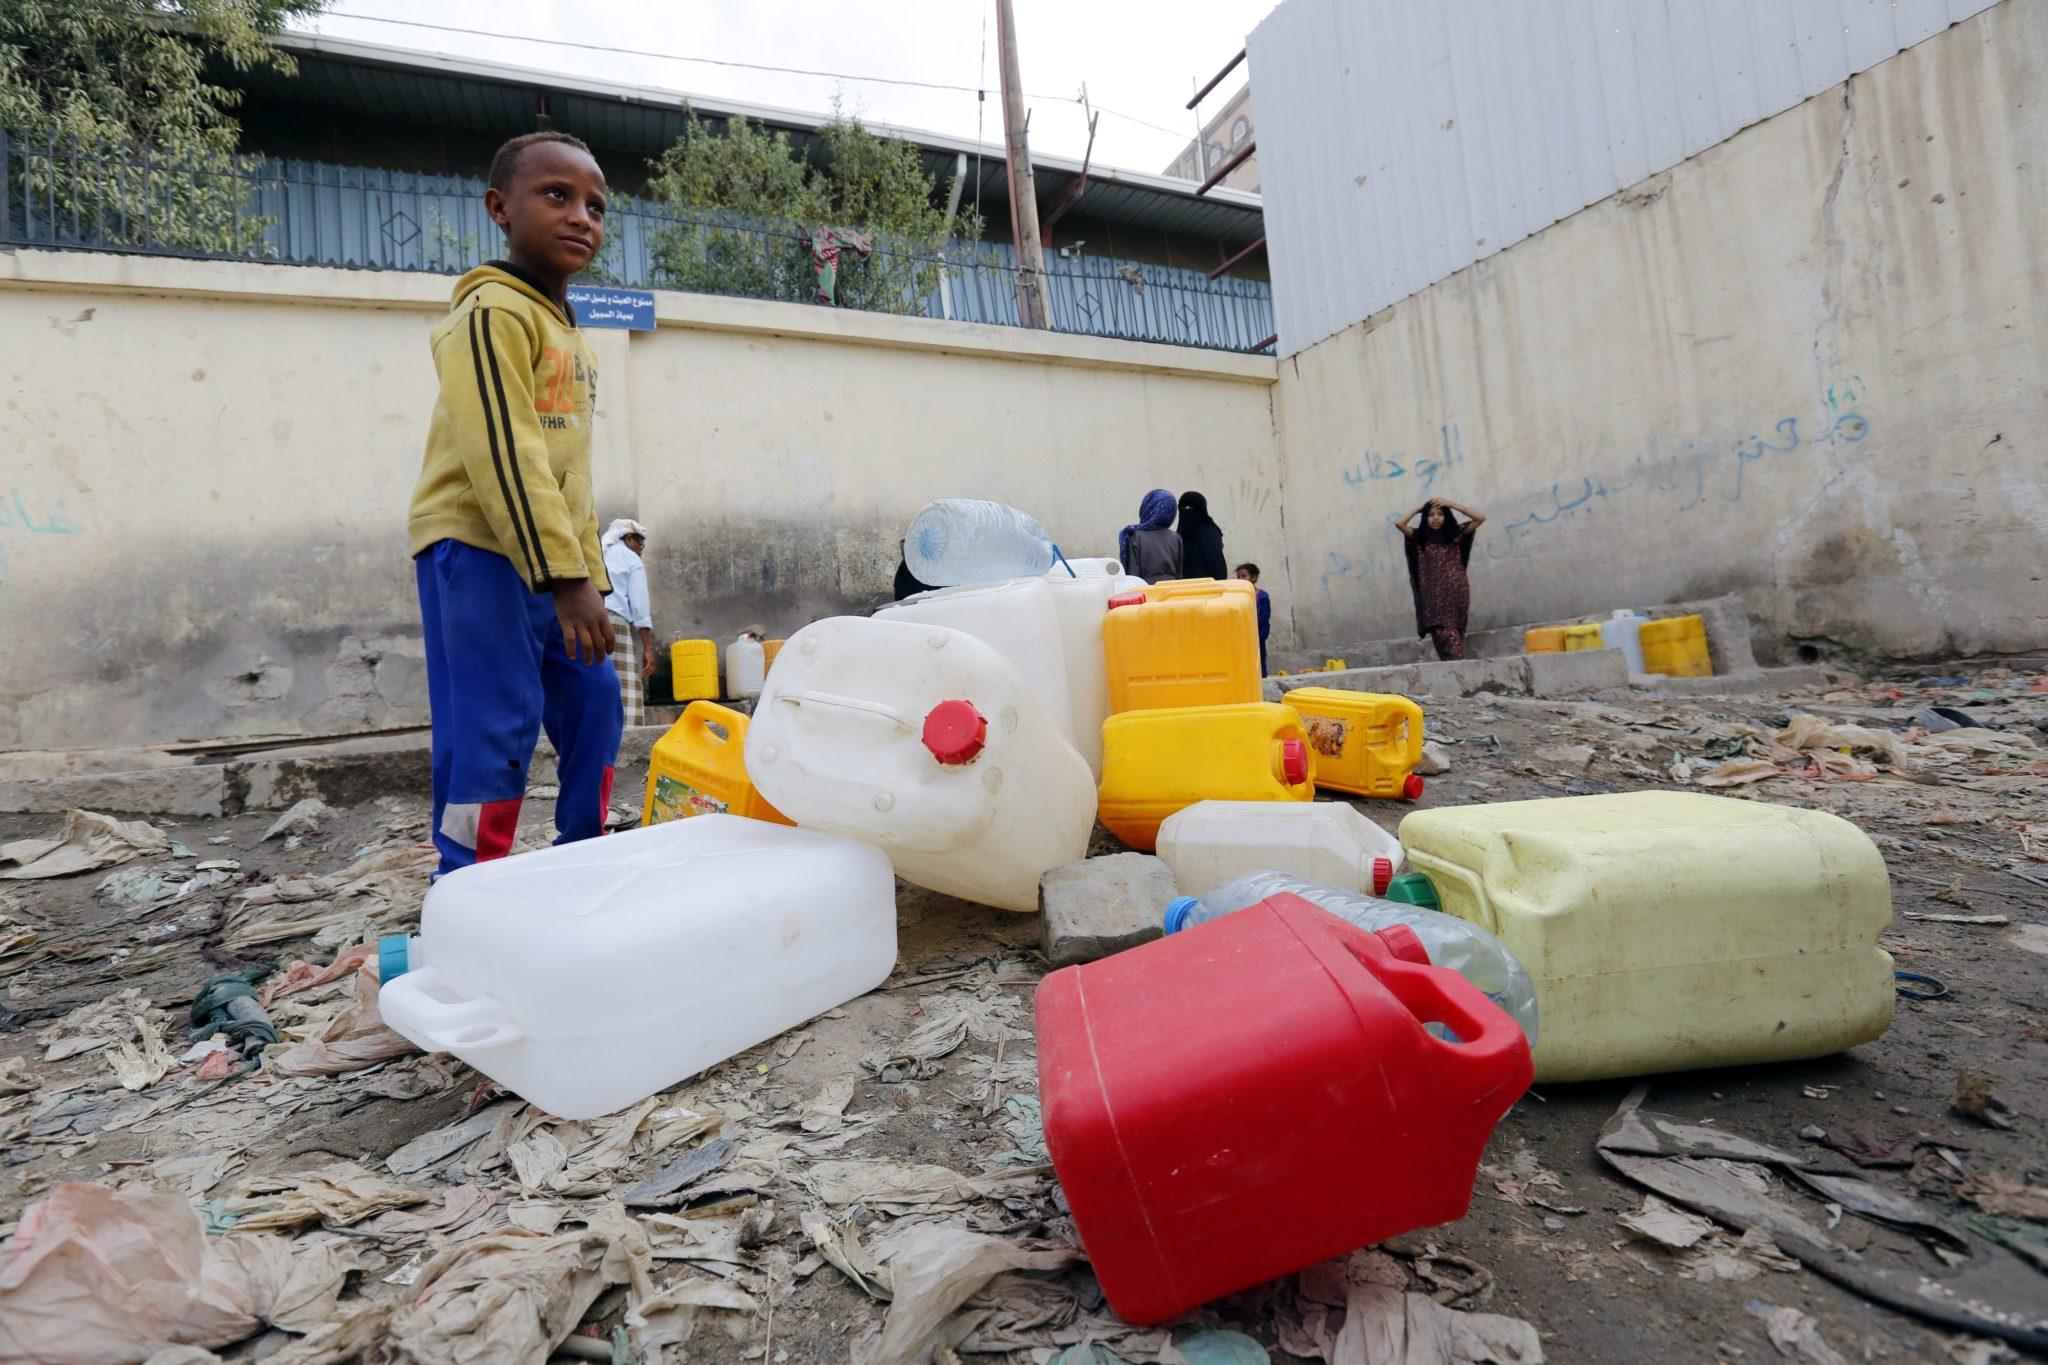 Jemen: Jemeńczycy napełniają wodą kanistry. W całym kraju, szczególnie w Sanie, powszechne są zakłócenia w dostawie wody, fot. Yahya Arhab,PAP/EPA